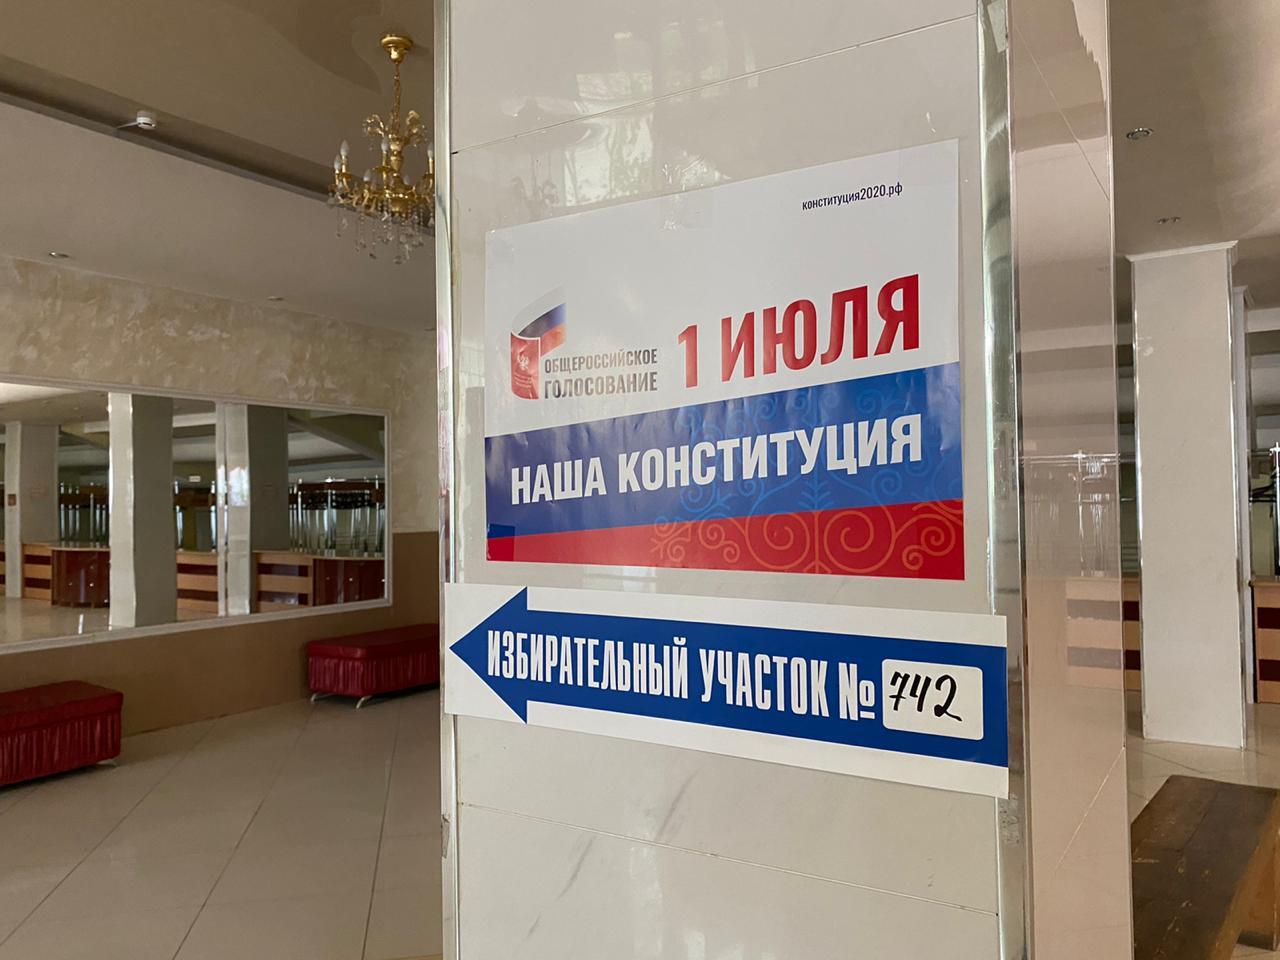 Общероссийское голосование: в Якутске подвели предварительные итоги